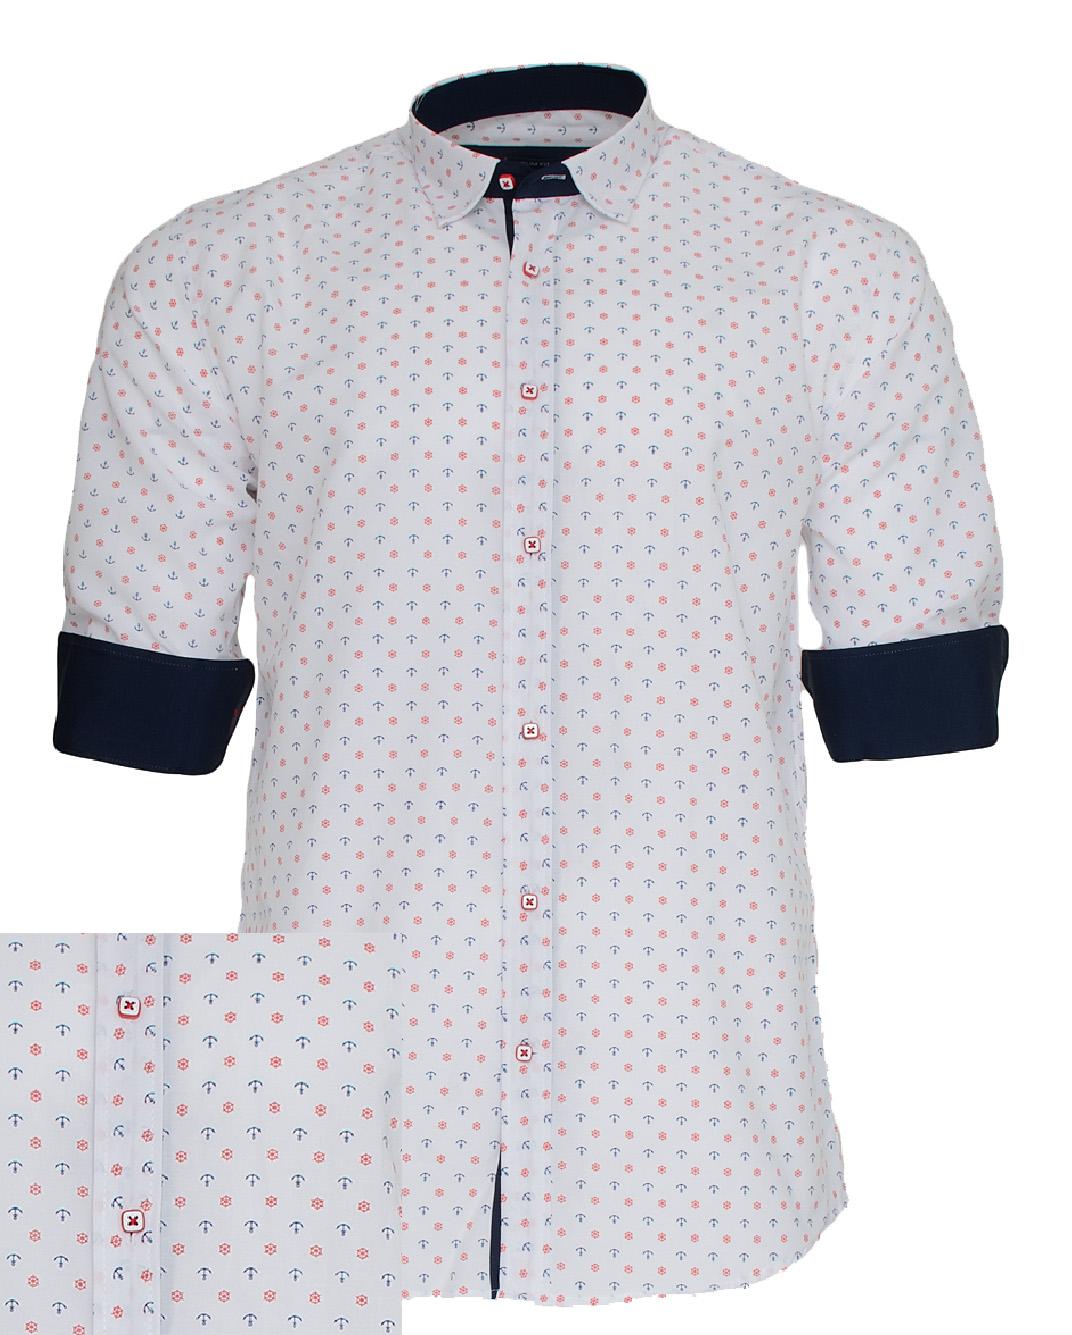 Ανδρικό Πουκάμισο So Fashion Anchor Poua-Άσπρο αρχική ανδρικά ρούχα πουκάμισα